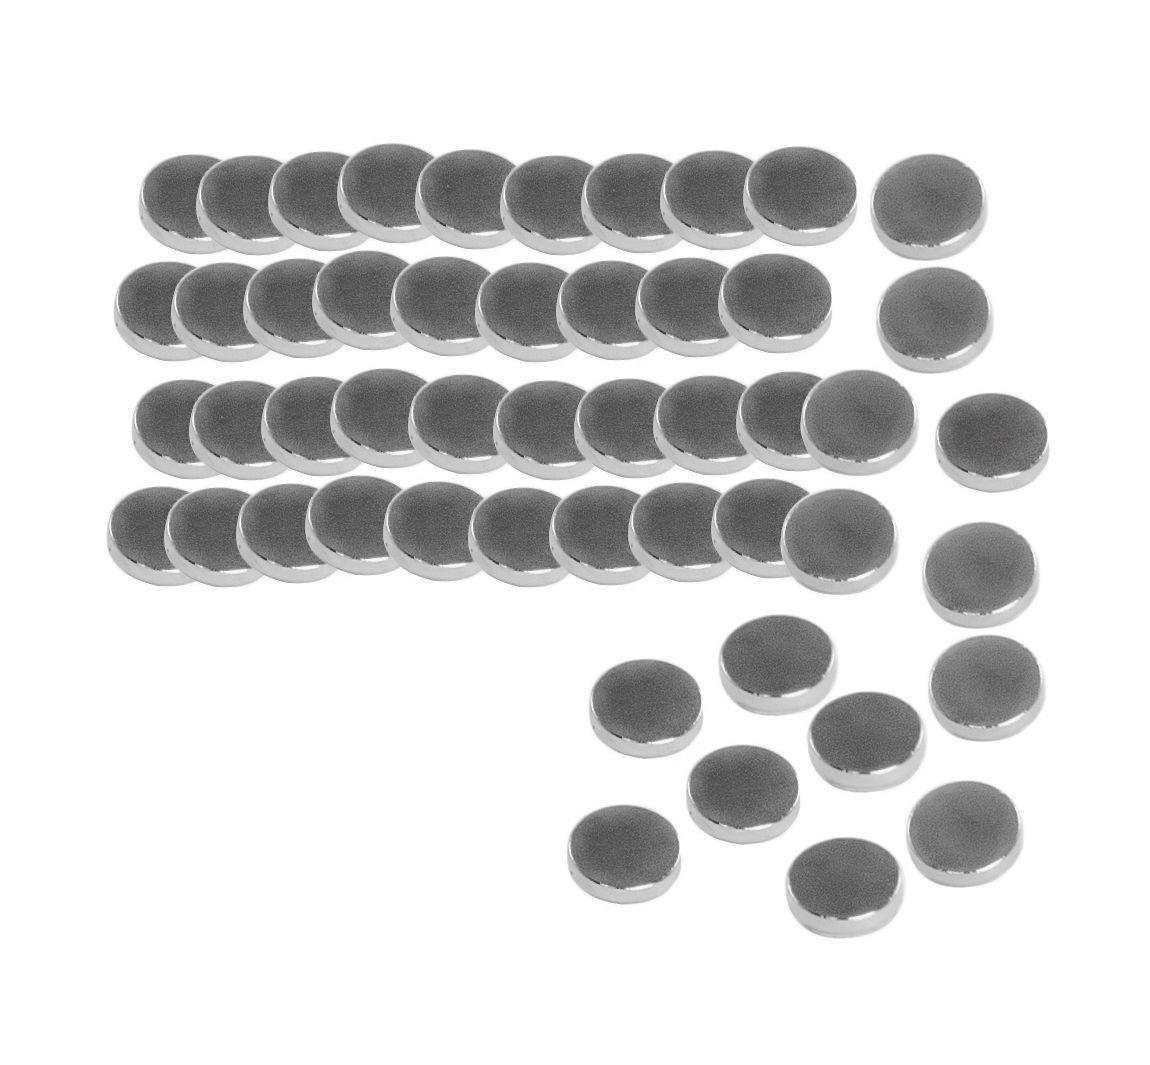 Magnet-Set mit 50 Magneten. Vielseitig einsetzbare Magnete mit besonders starker Haftkraft. Ø ca. 10 mm, Stärke ca. 2 mm.                 Inhalt: 50  Stück, Ø: 10 mm, Stärke: 2 mm, Material: Metall